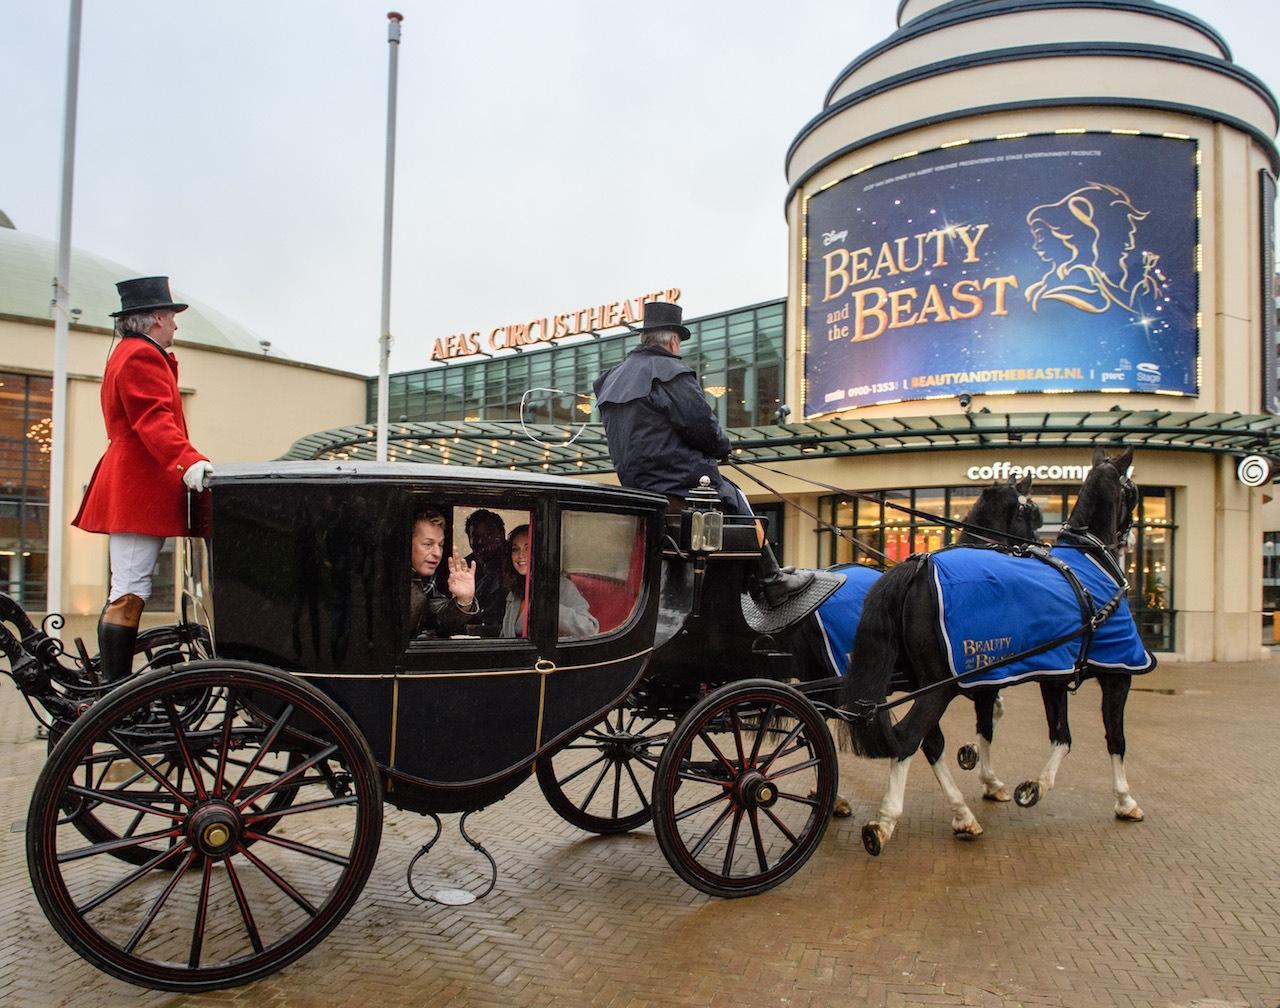 Cast Disney's Beauty and the Beast verwelkomd in Den Haag